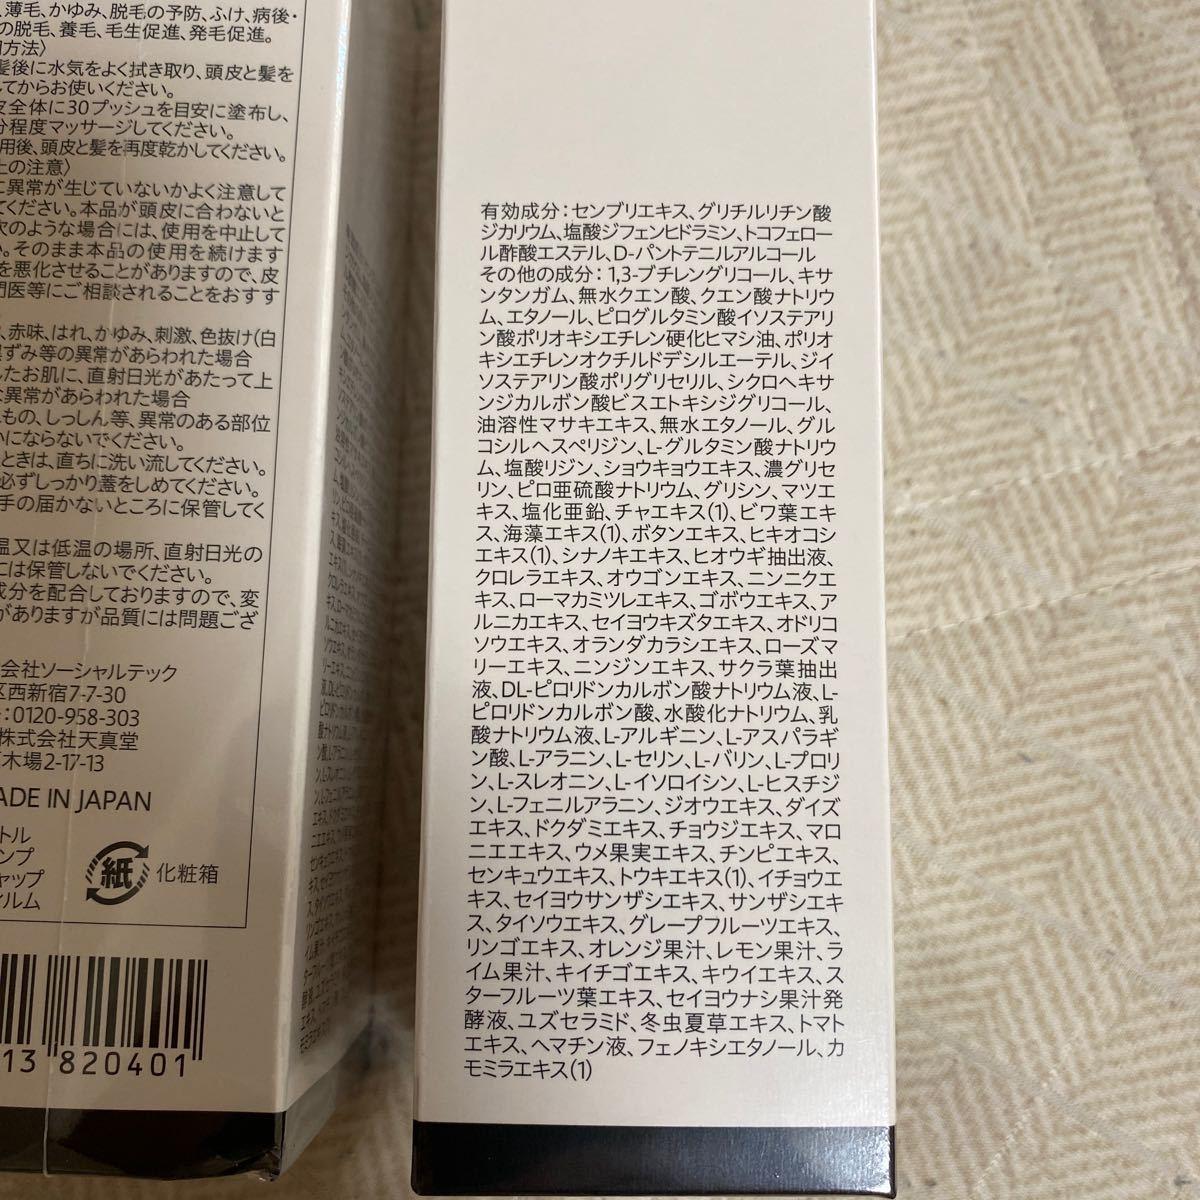 薬用 チャップアップ CHAPUP 育毛ローション 120ml x 2本